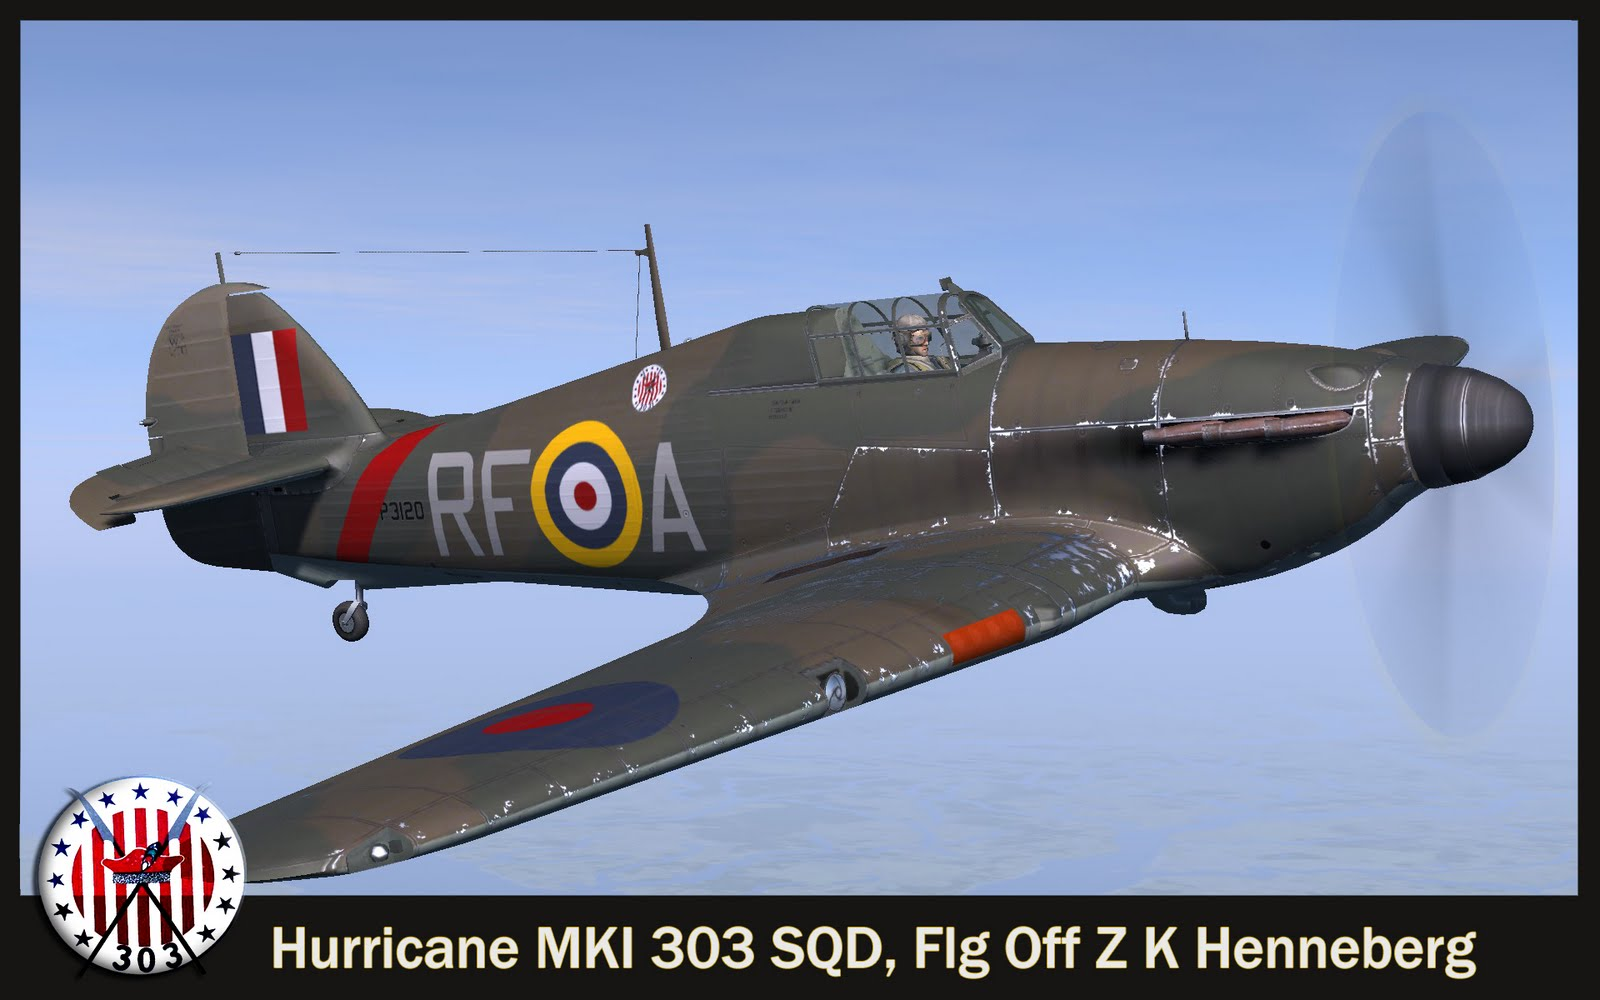 COD SO Hurricane I RAF 303Sqn RFA Henneberg P3120 England 1940 V0A